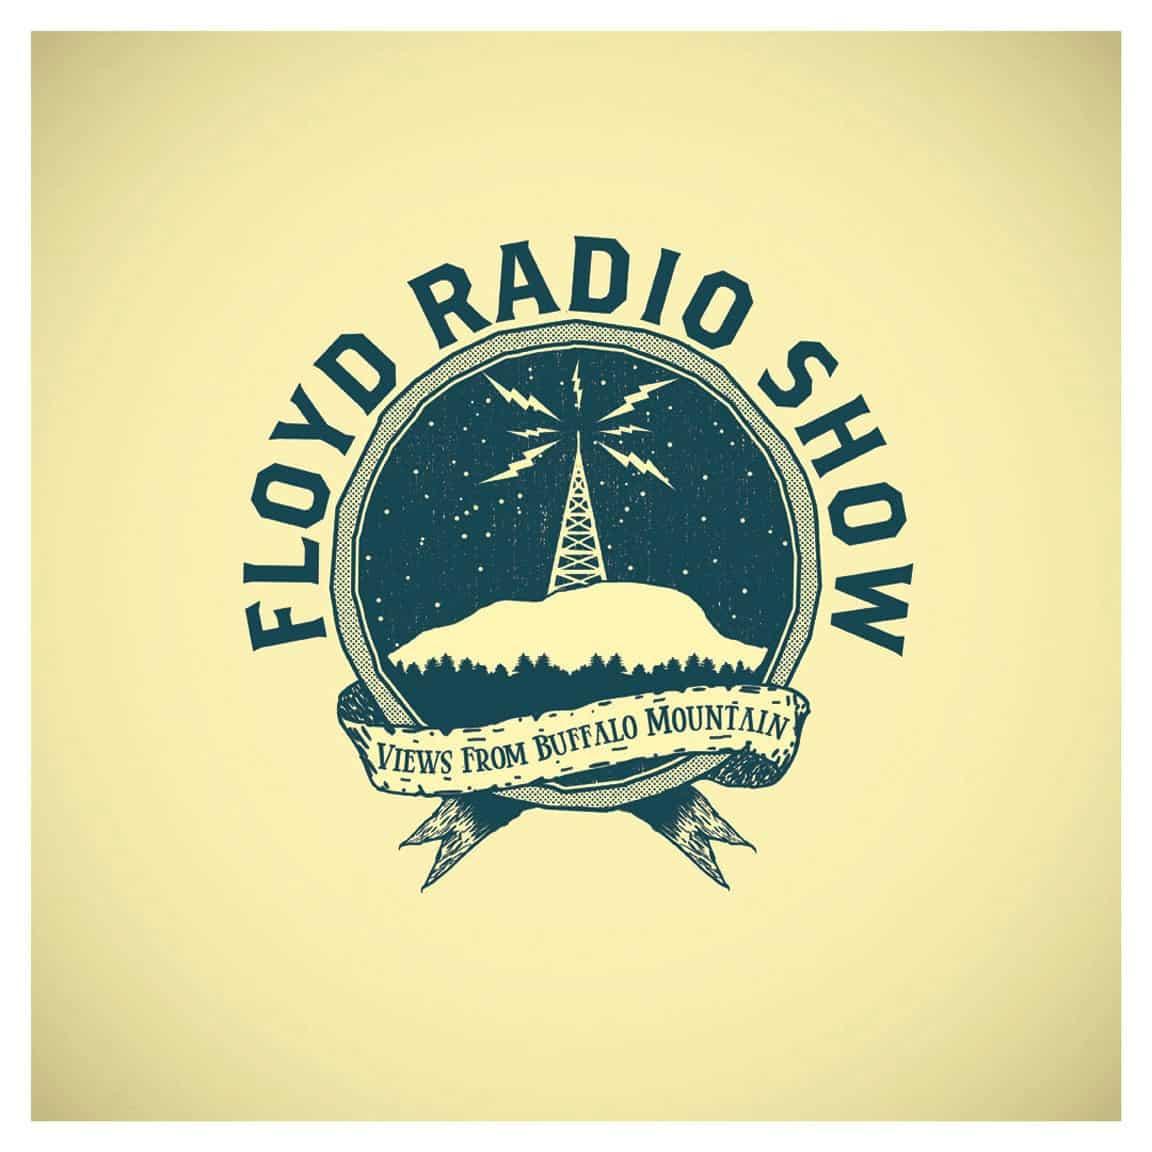 Floyd Radio Show